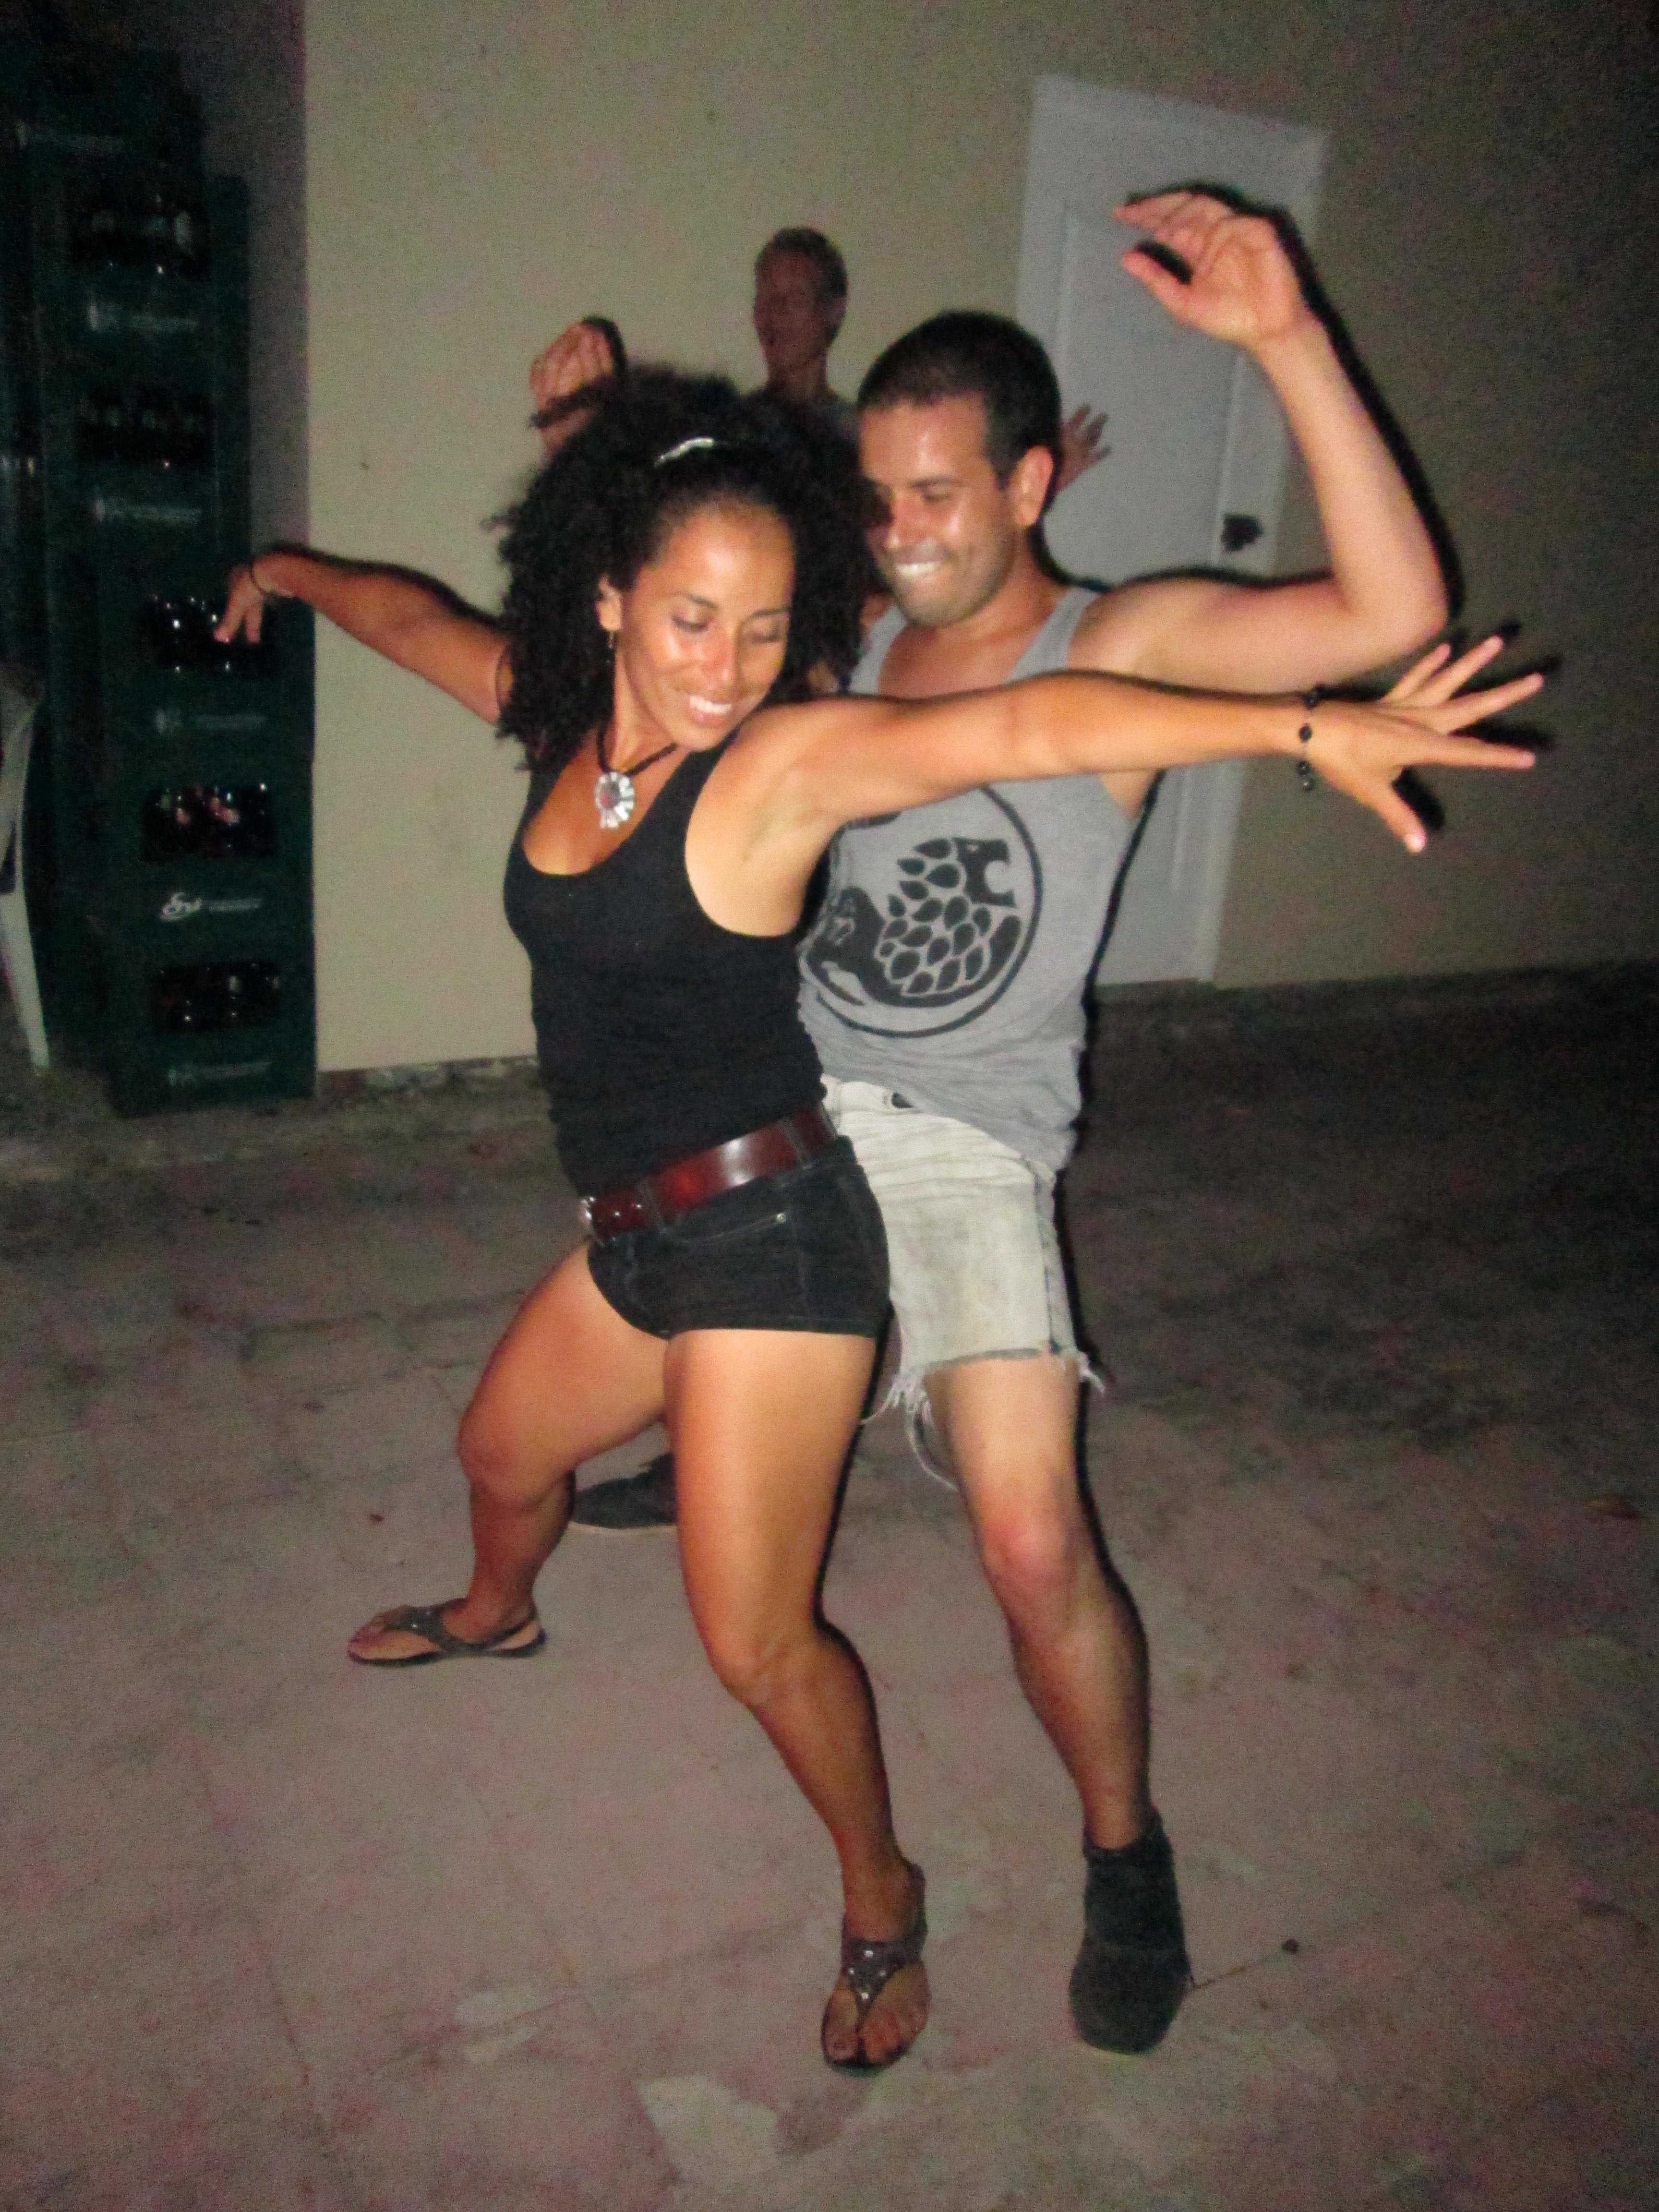 Girl Twerking On Guy